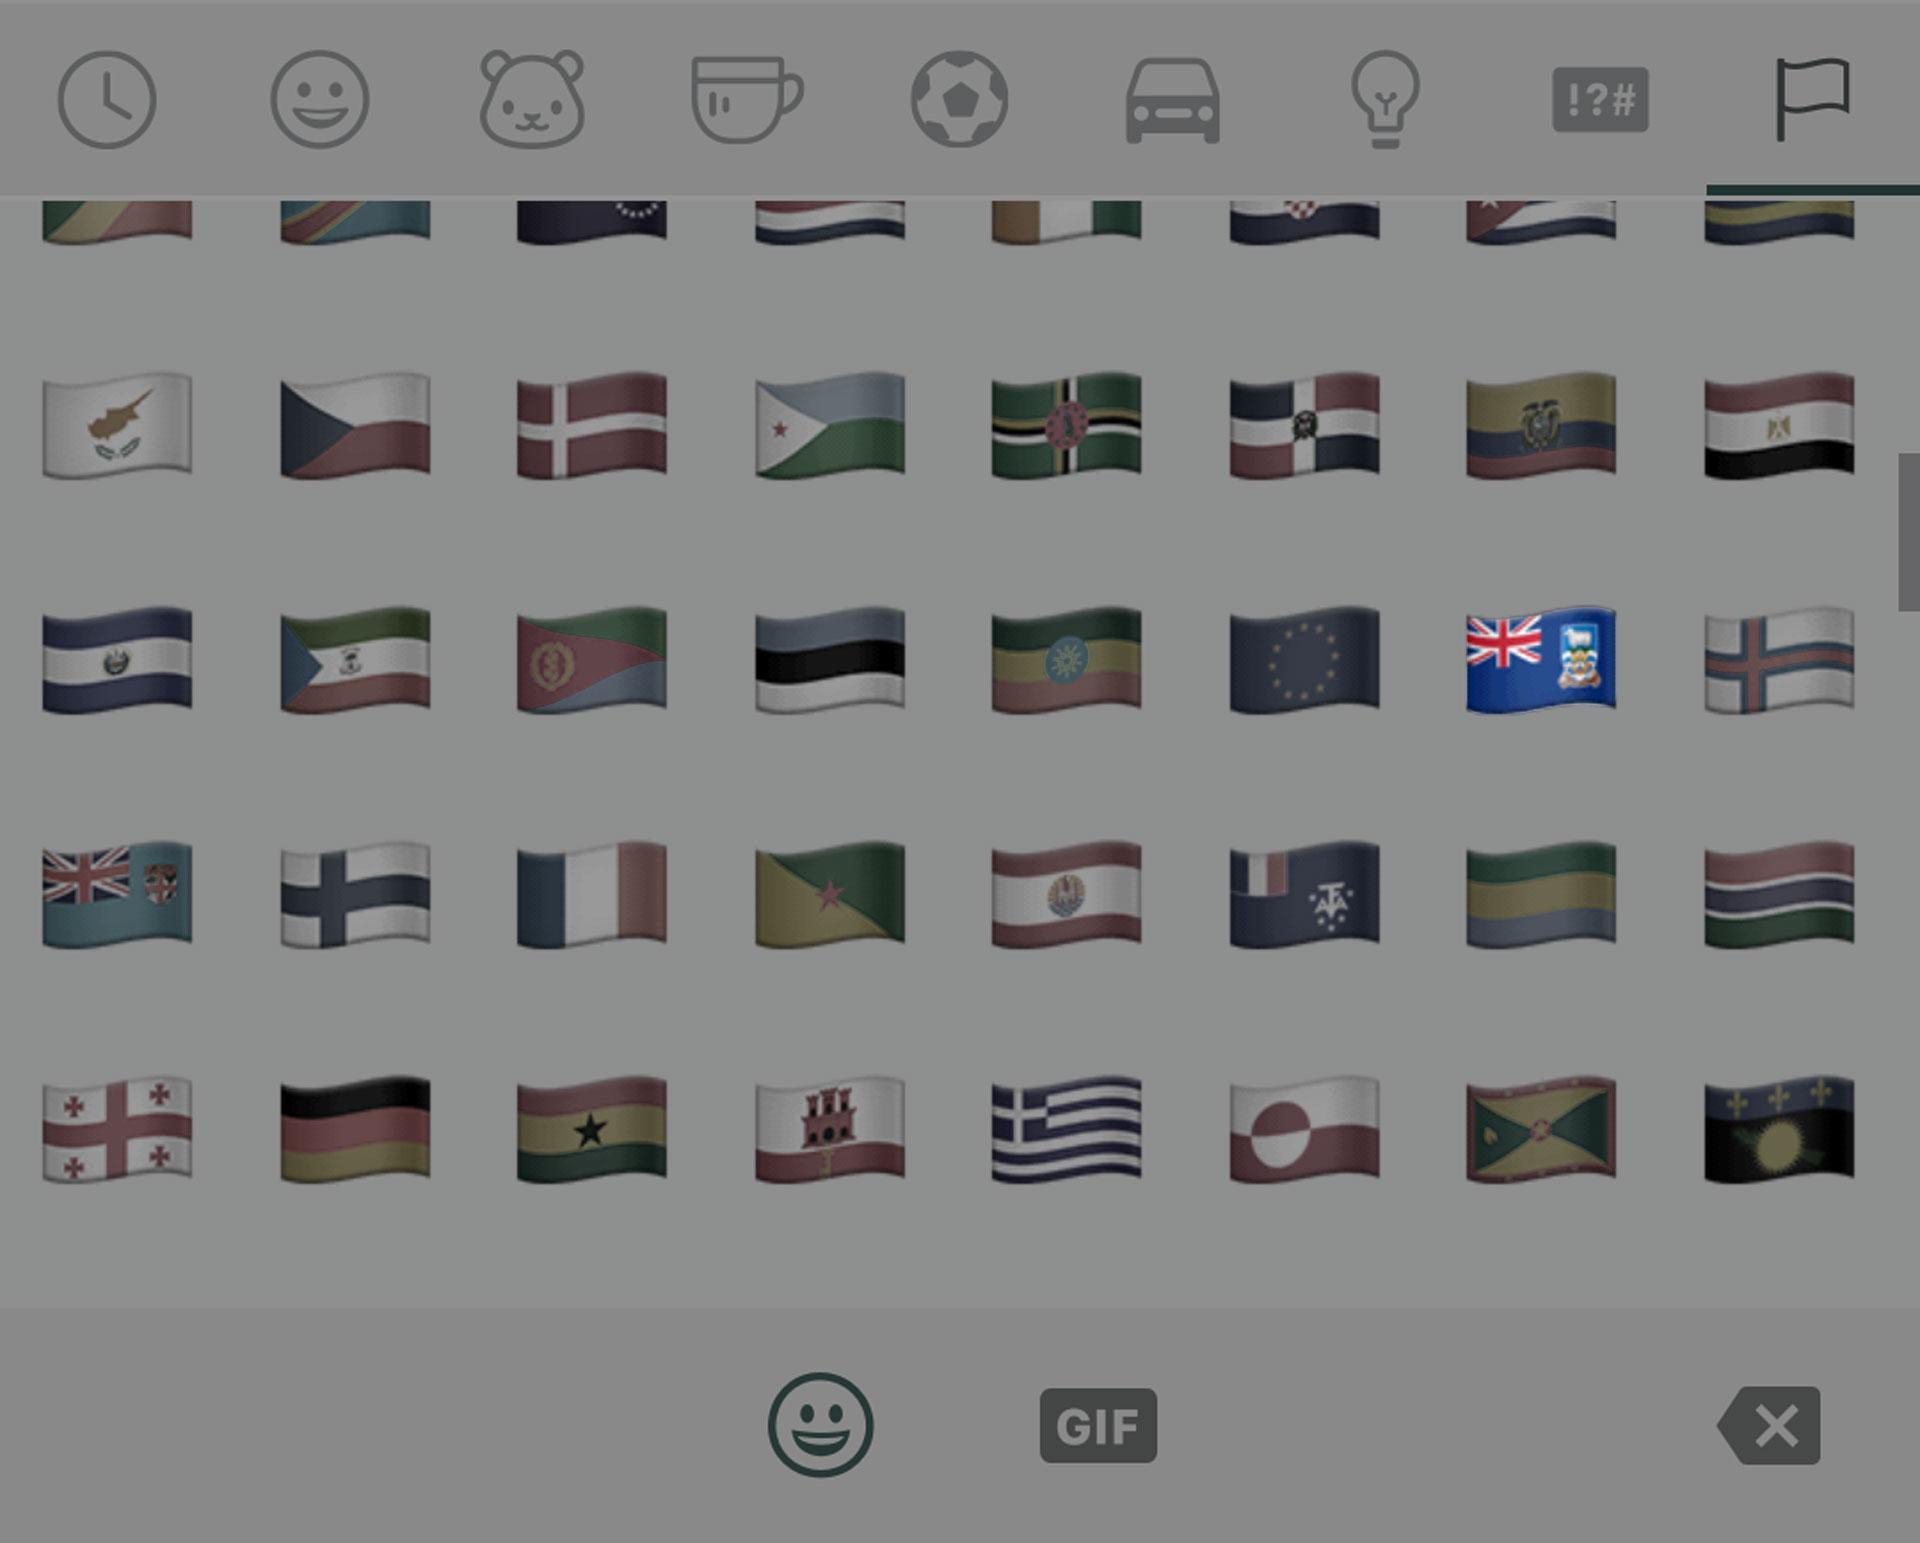 La nueva bandera fue incorporada en la última actualización de WhatsApp